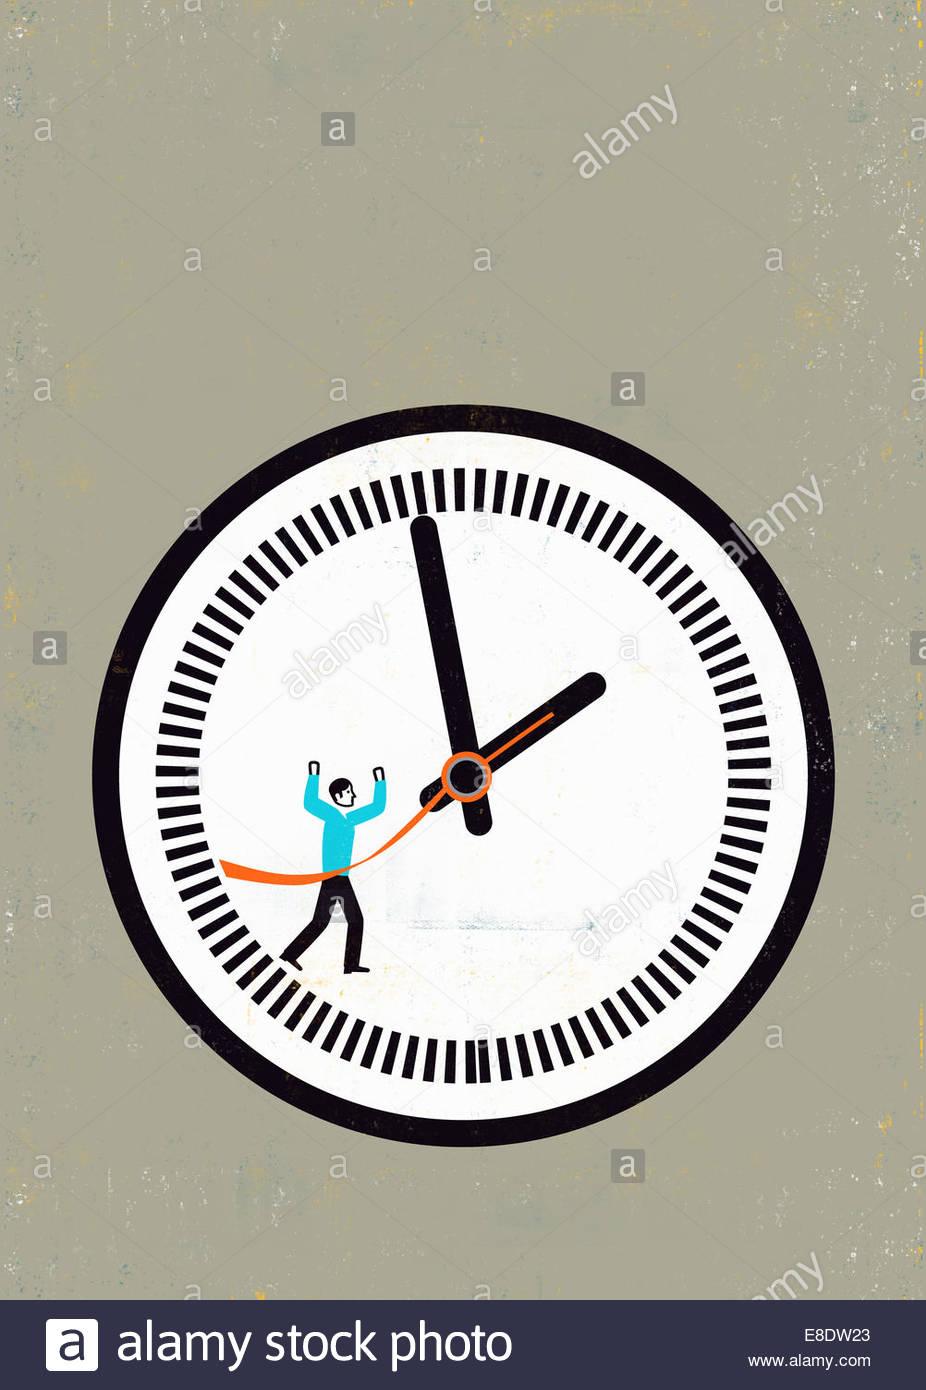 Imprenditore Attraversamento linea di finitura sull'orologio Immagini Stock